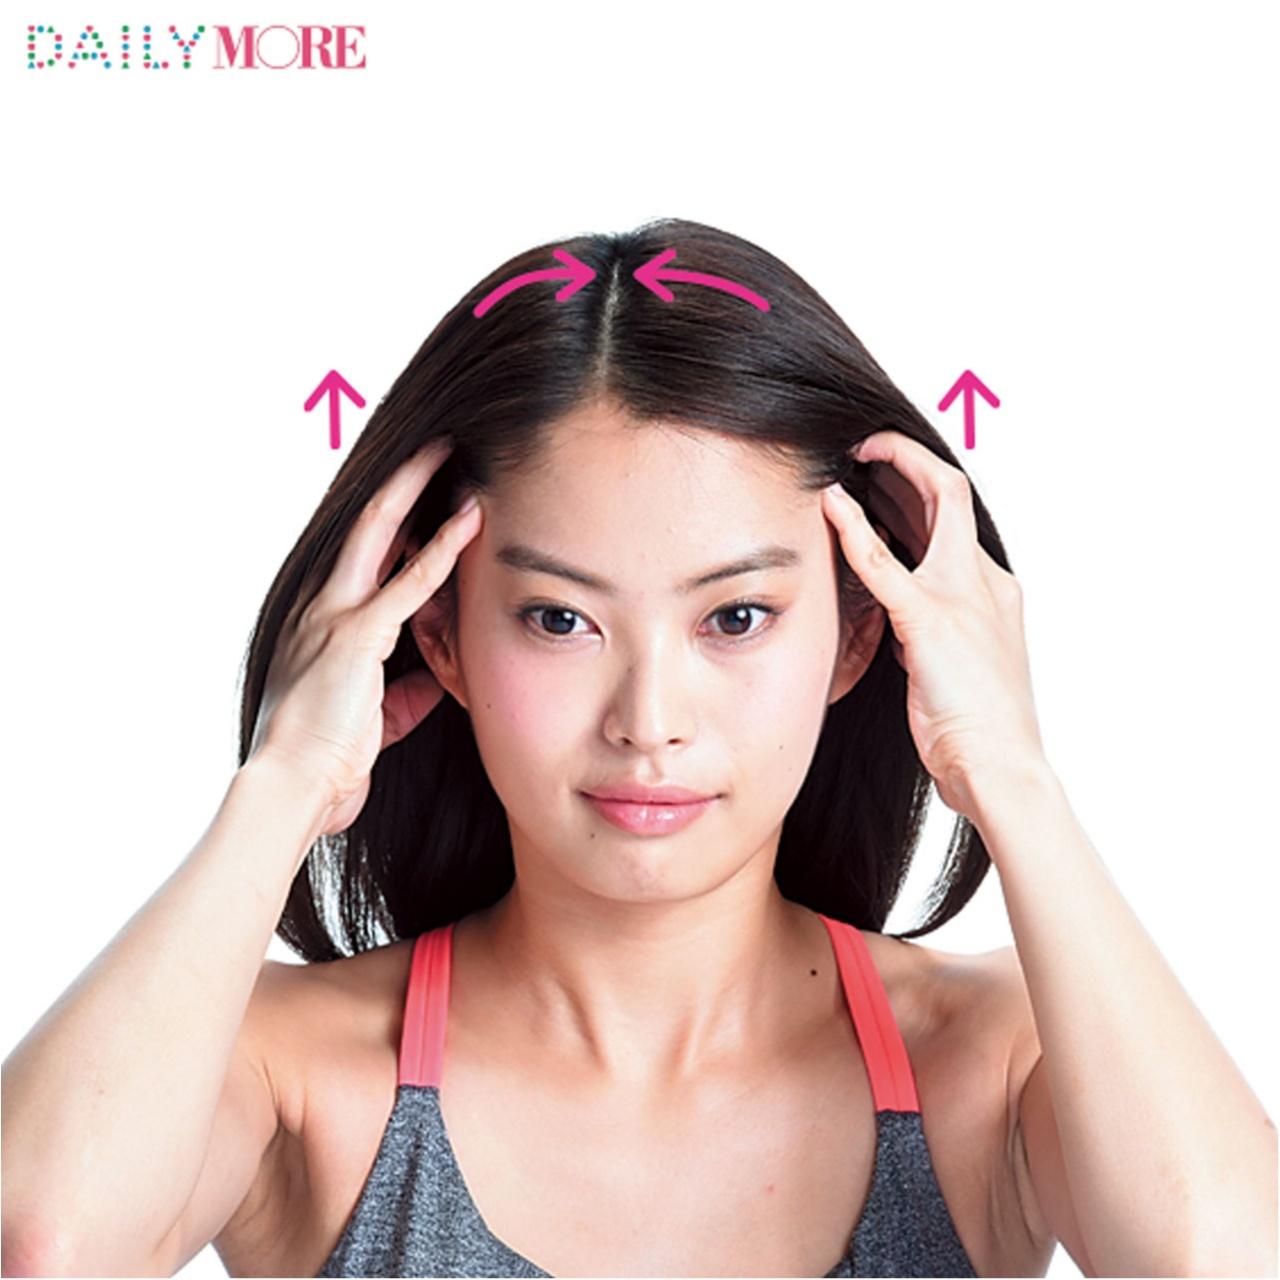 20代女子の薄毛が増えている! 薄毛予防の「頭皮マッサージ」を今すぐはじめよう_5